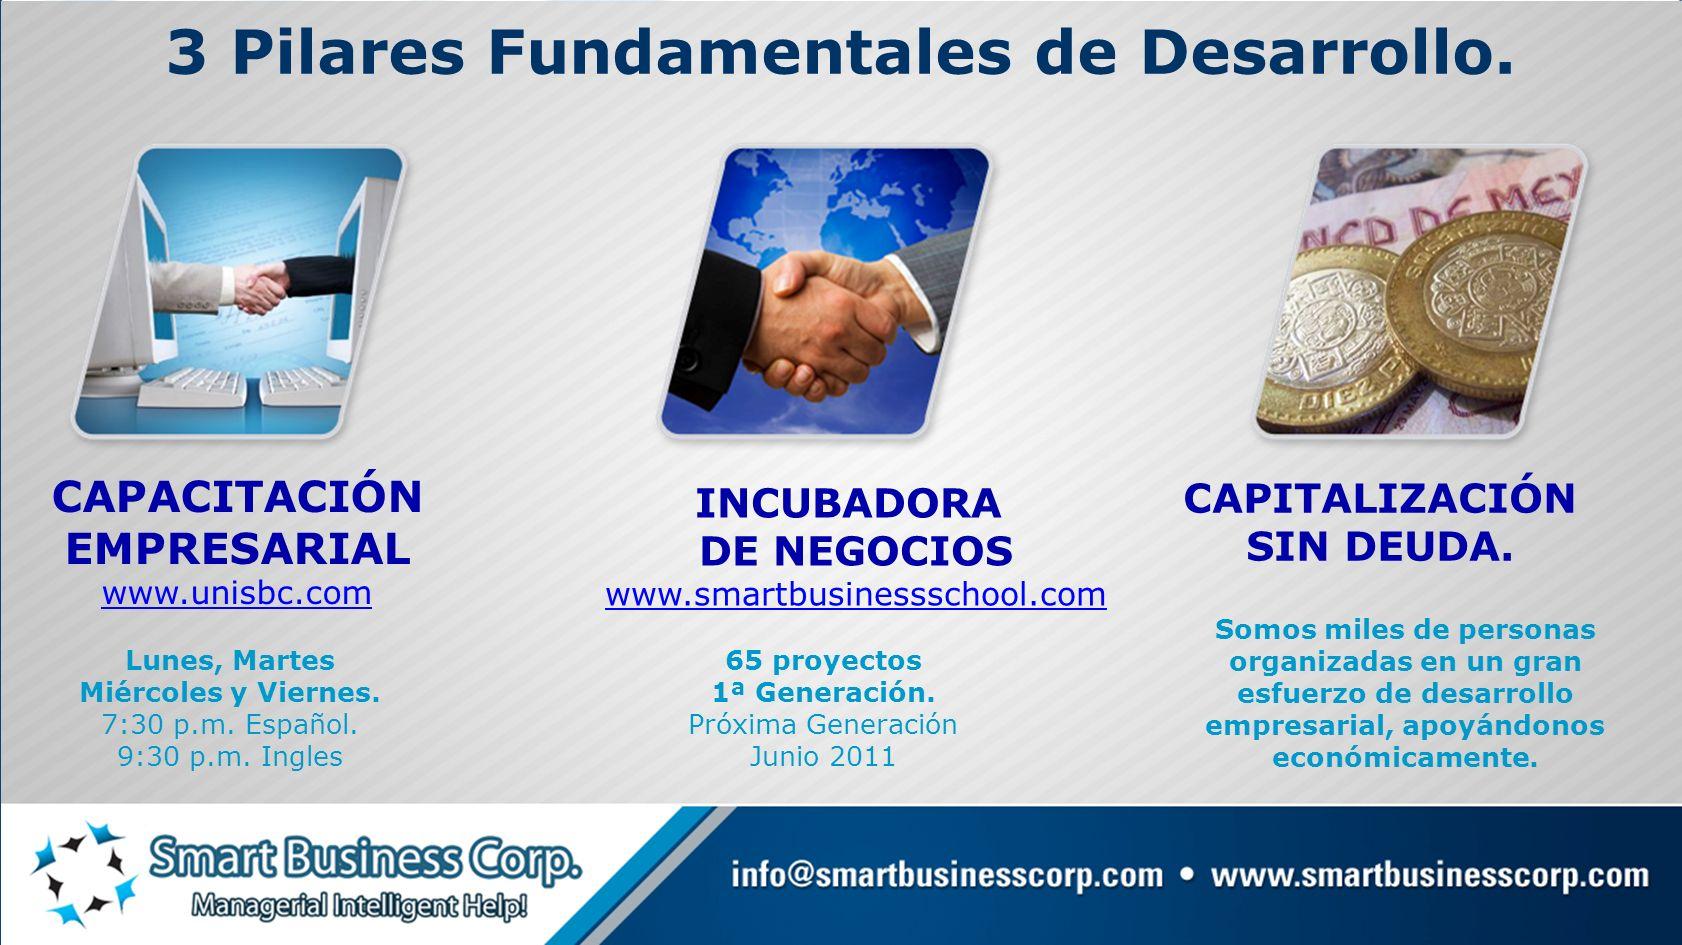 CAPITALIZACIÓN SIN DEUDA. 3 Pilares Fundamentales de Desarrollo. CAPACITACIÓN EMPRESARIAL www.unisbc.com INCUBADORA DE NEGOCIOS www.smartbusinessschoo